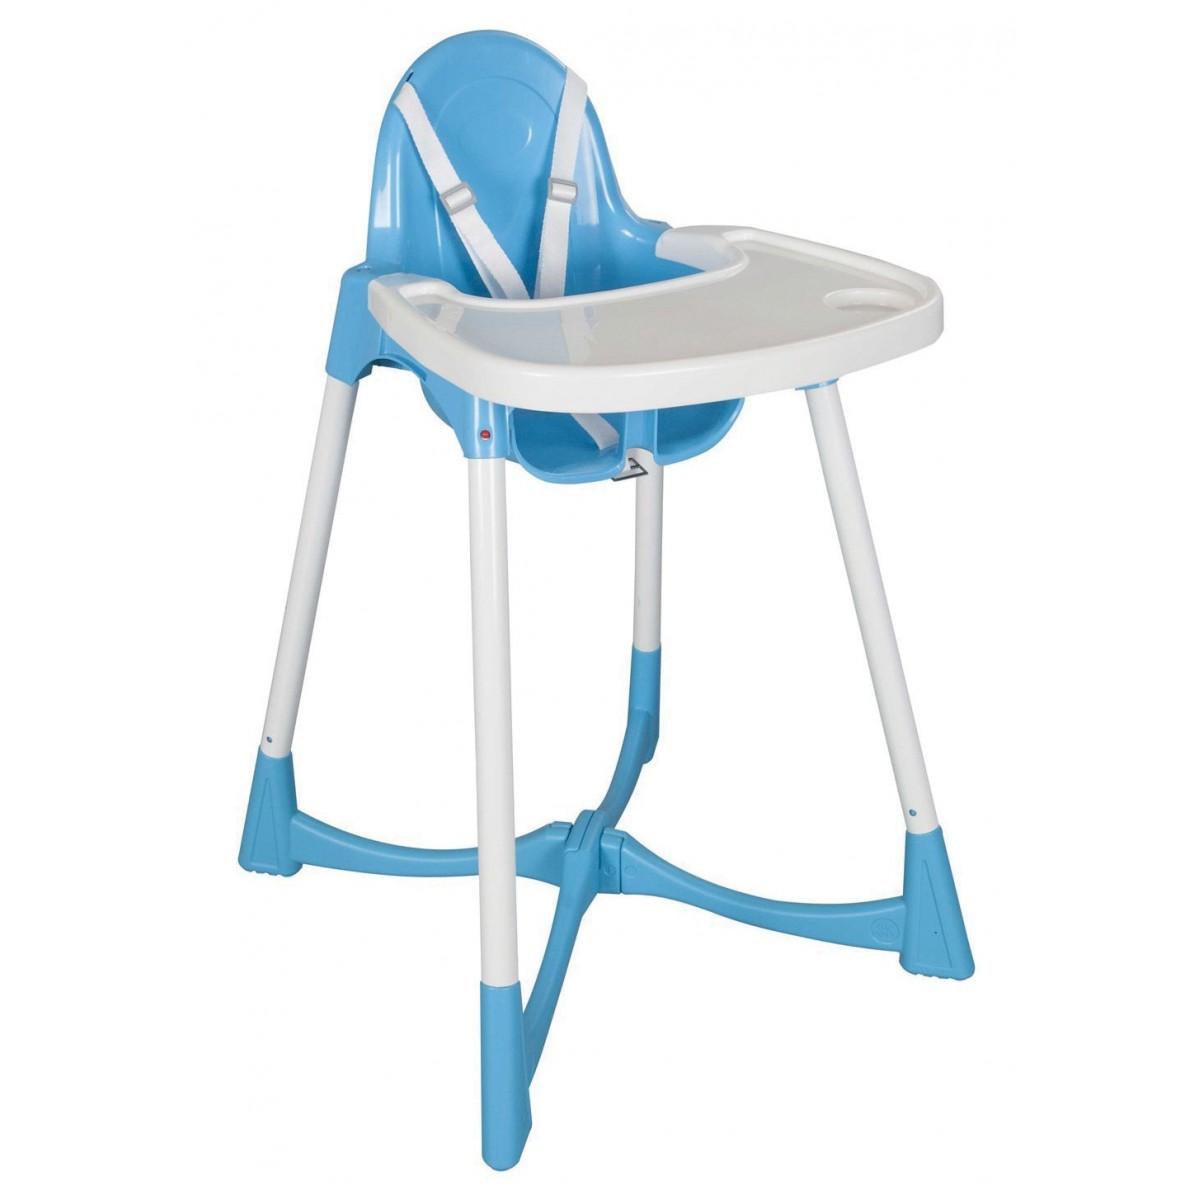 كرسي تناول الطعام للاطفال